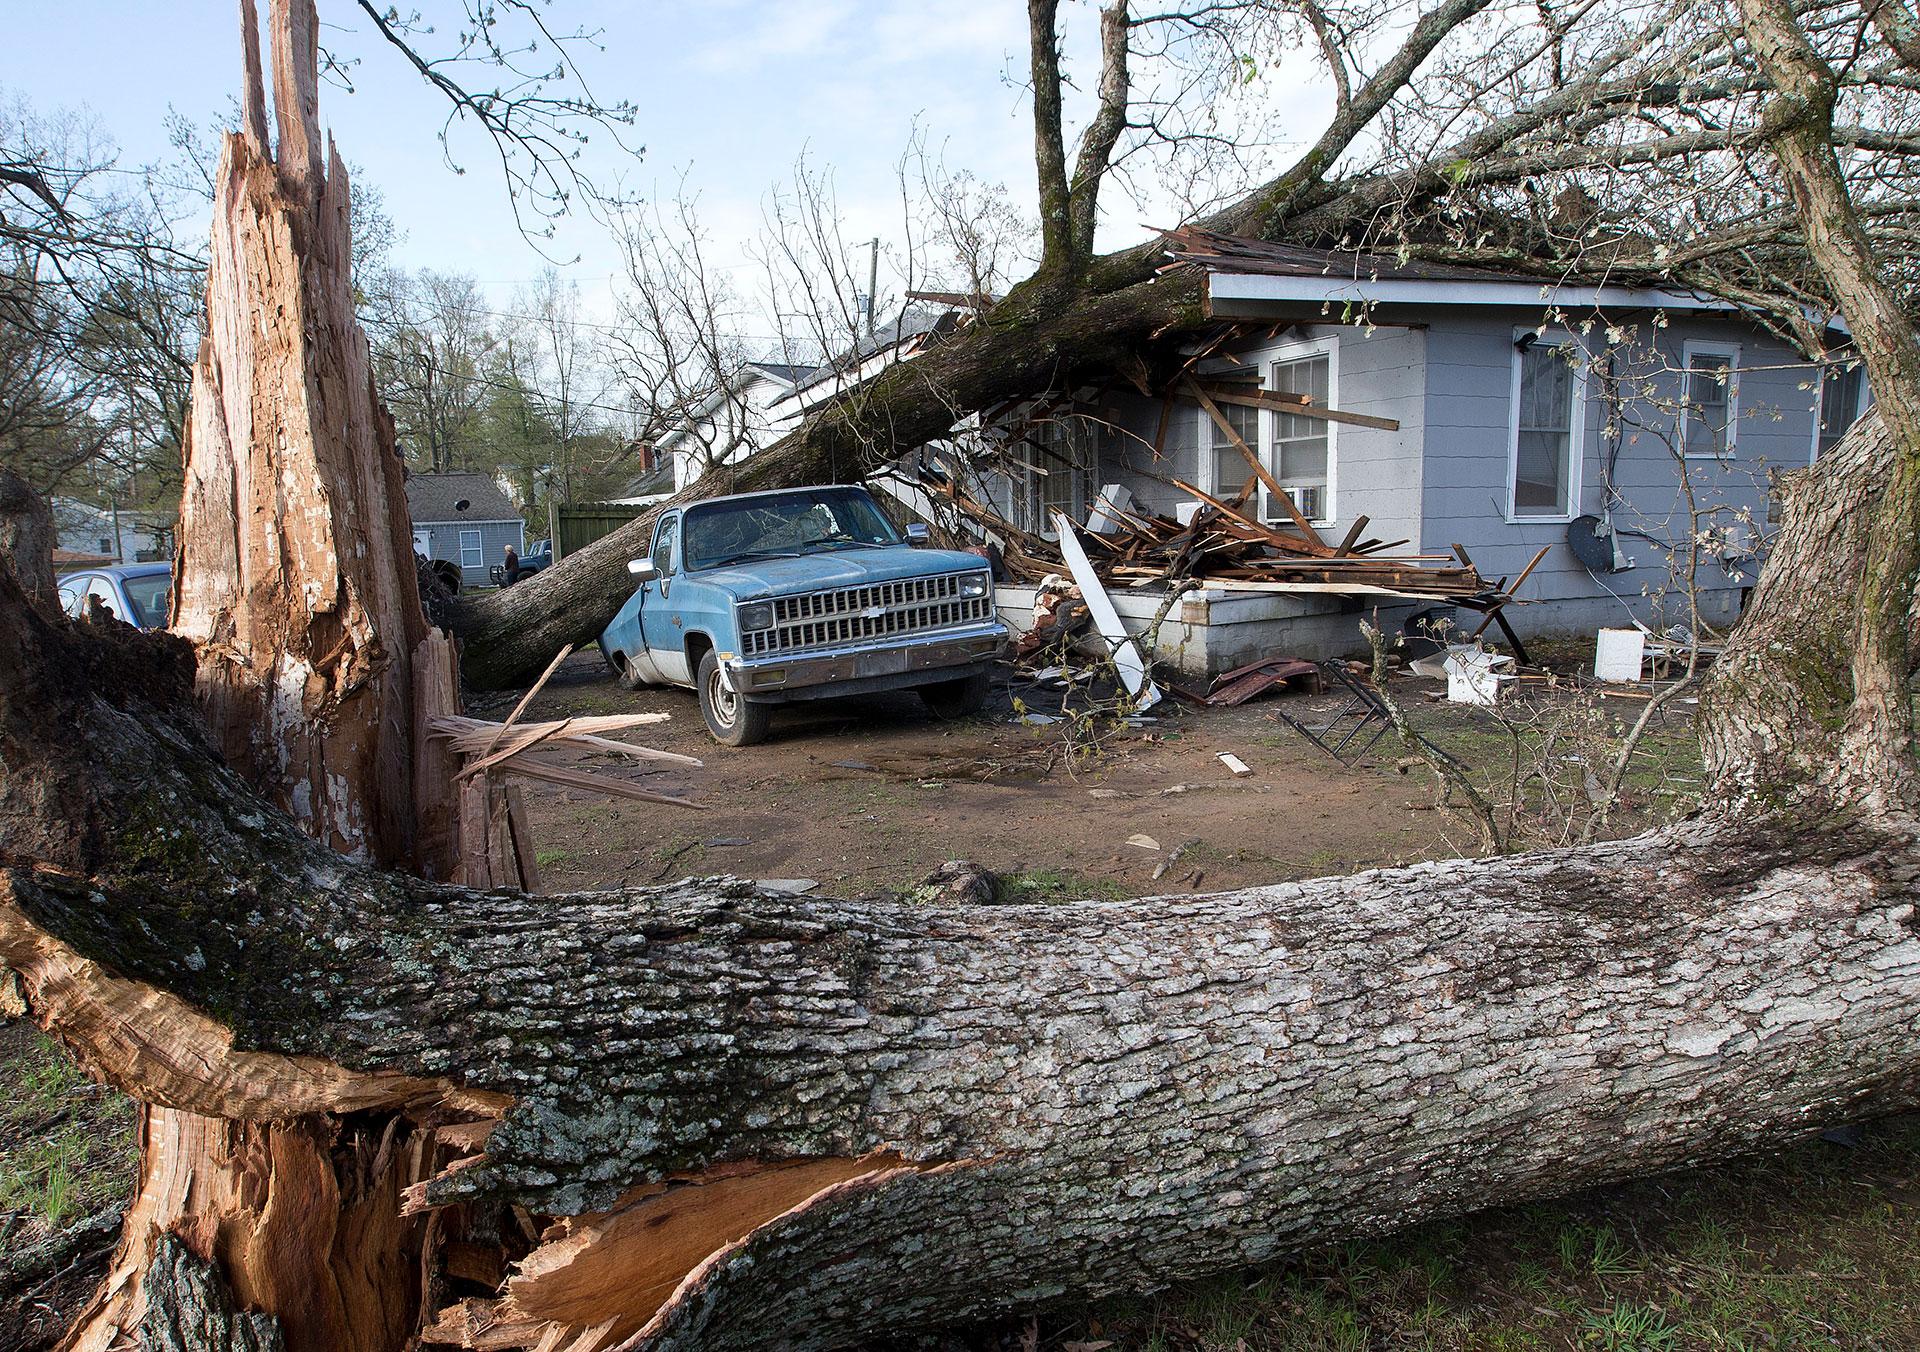 Una casa en la calle Wooddale fue aplastada por un árbol junto a una camioneta